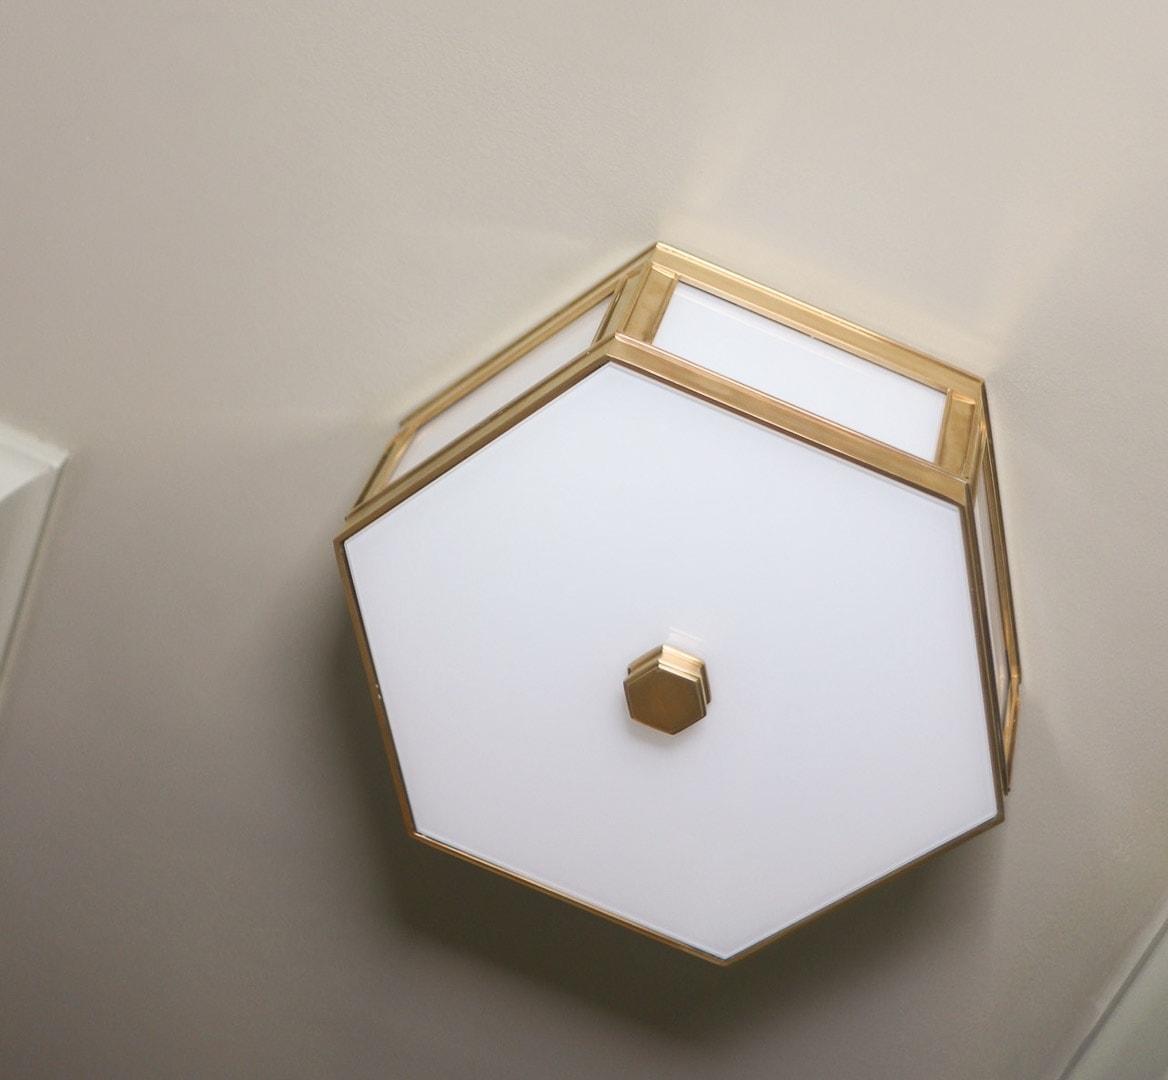 hudson-valley-lighting-flush-mount-one-room-challenge